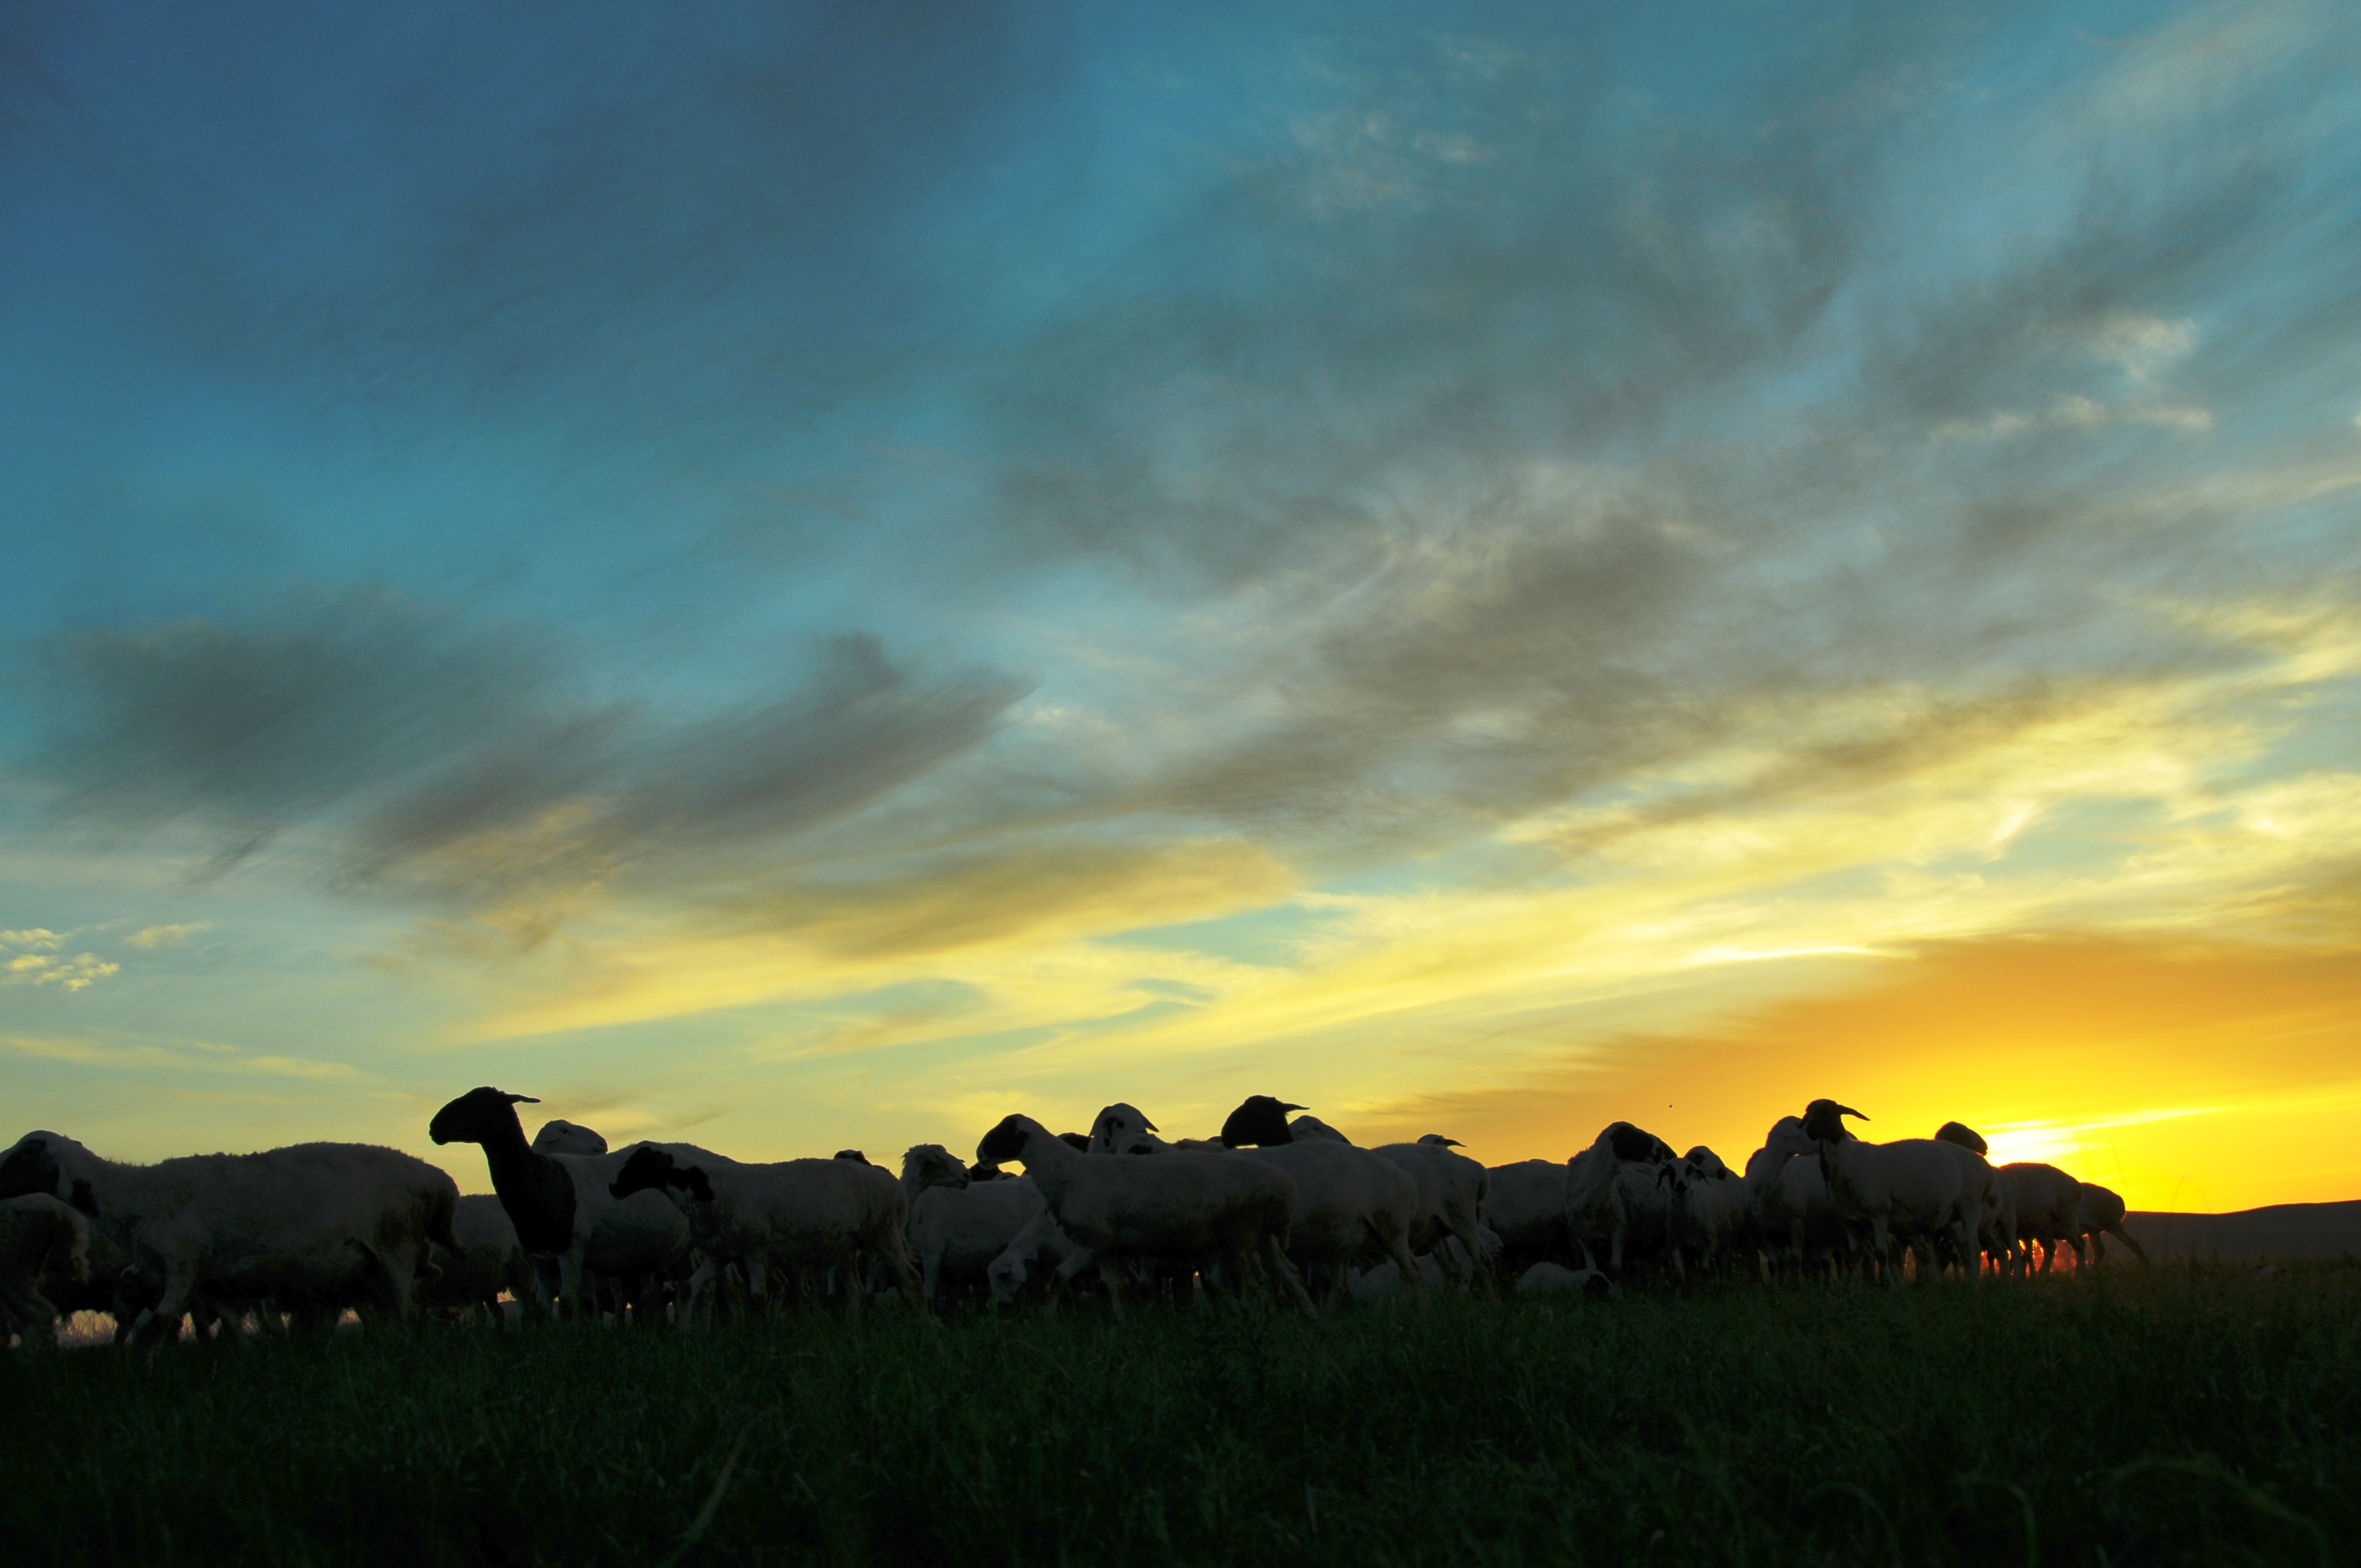 在一处蒙古包看到了夕阳下牧归的牛羊和骆驼.还有牧羊犬.